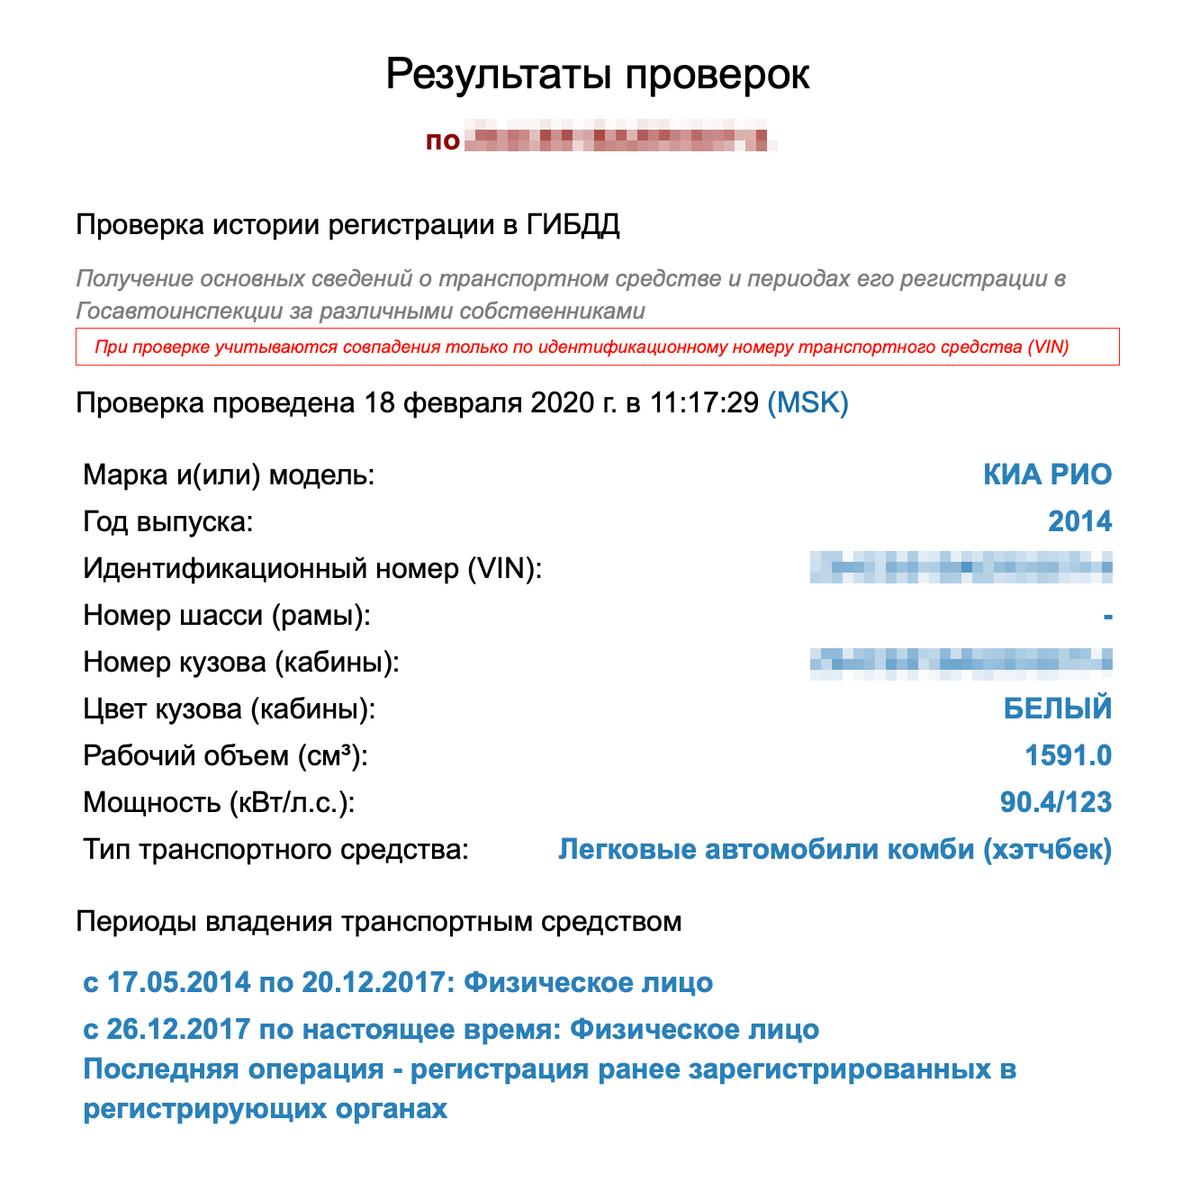 Результаты проверки с сайта ГИБДД — внизу указаны даты, когда автомобиль ставили и снимали с учета